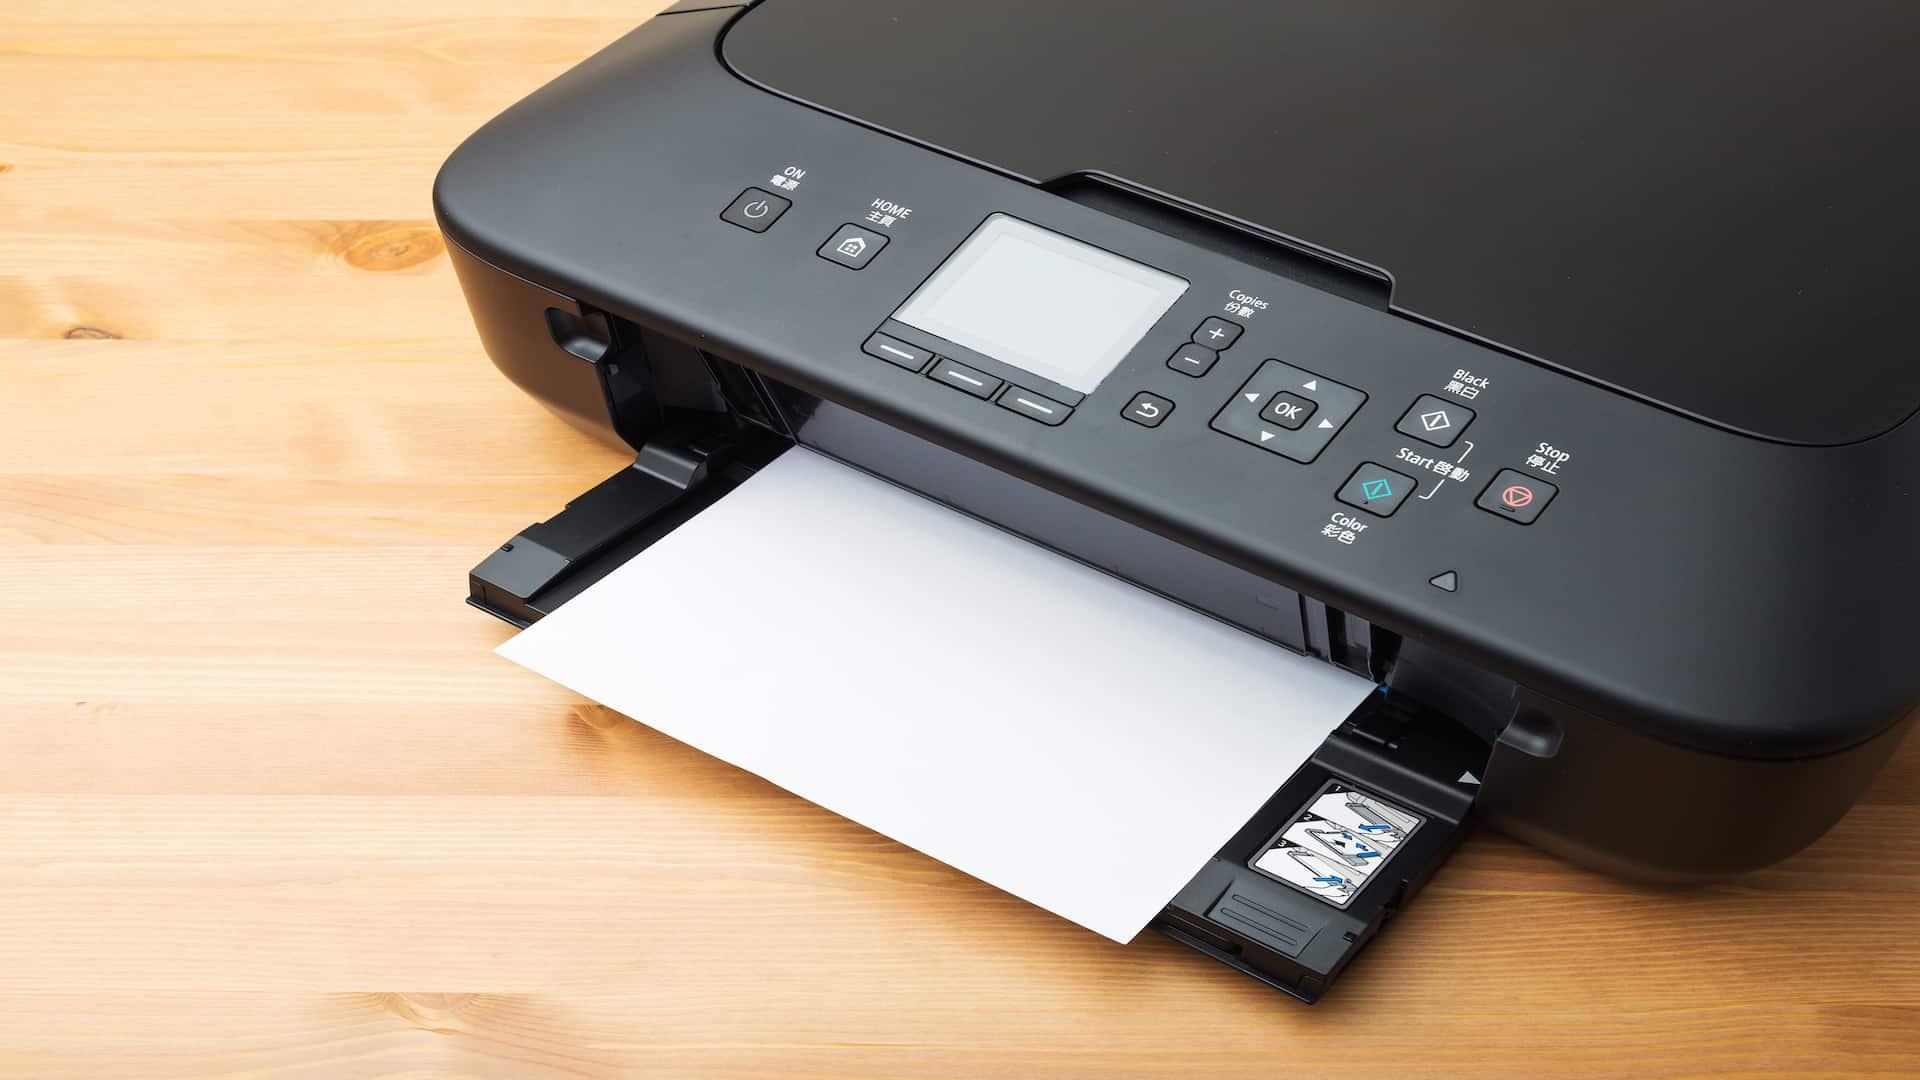 Impresora multifunción: ¿Cuál es la mejor del 2020?